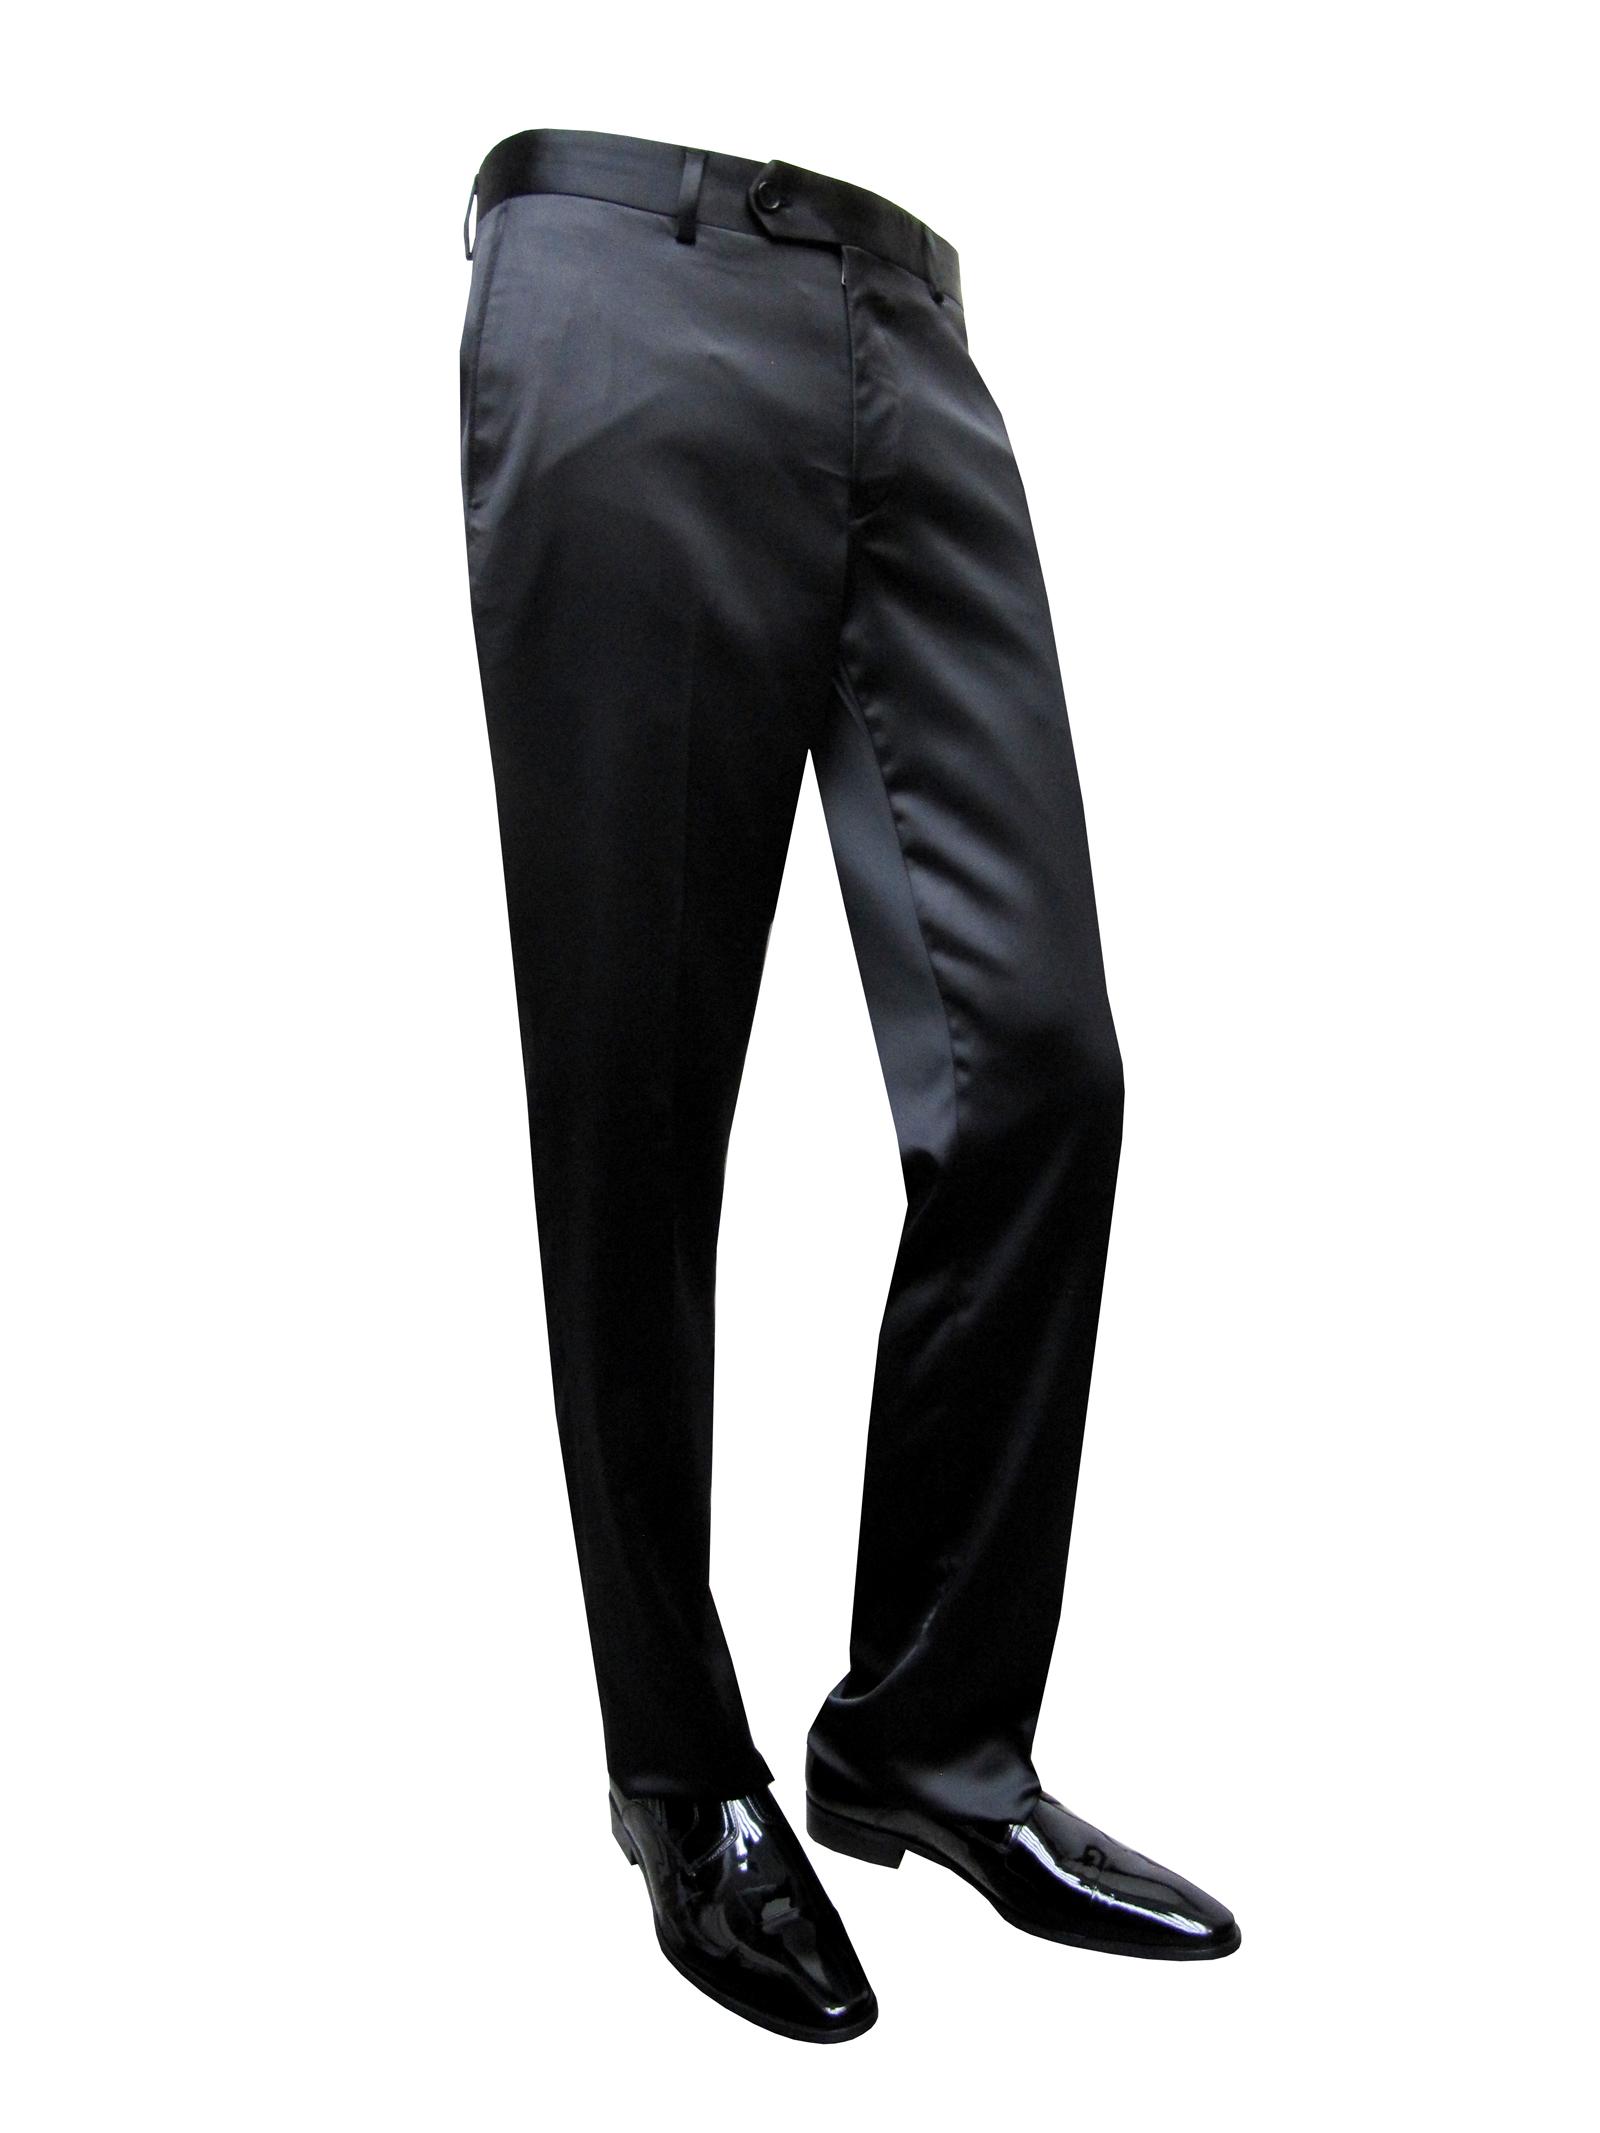 3479c3111b2a Muga Glanz Herrenhose für feierliche Anlässe Design by MUGA ®